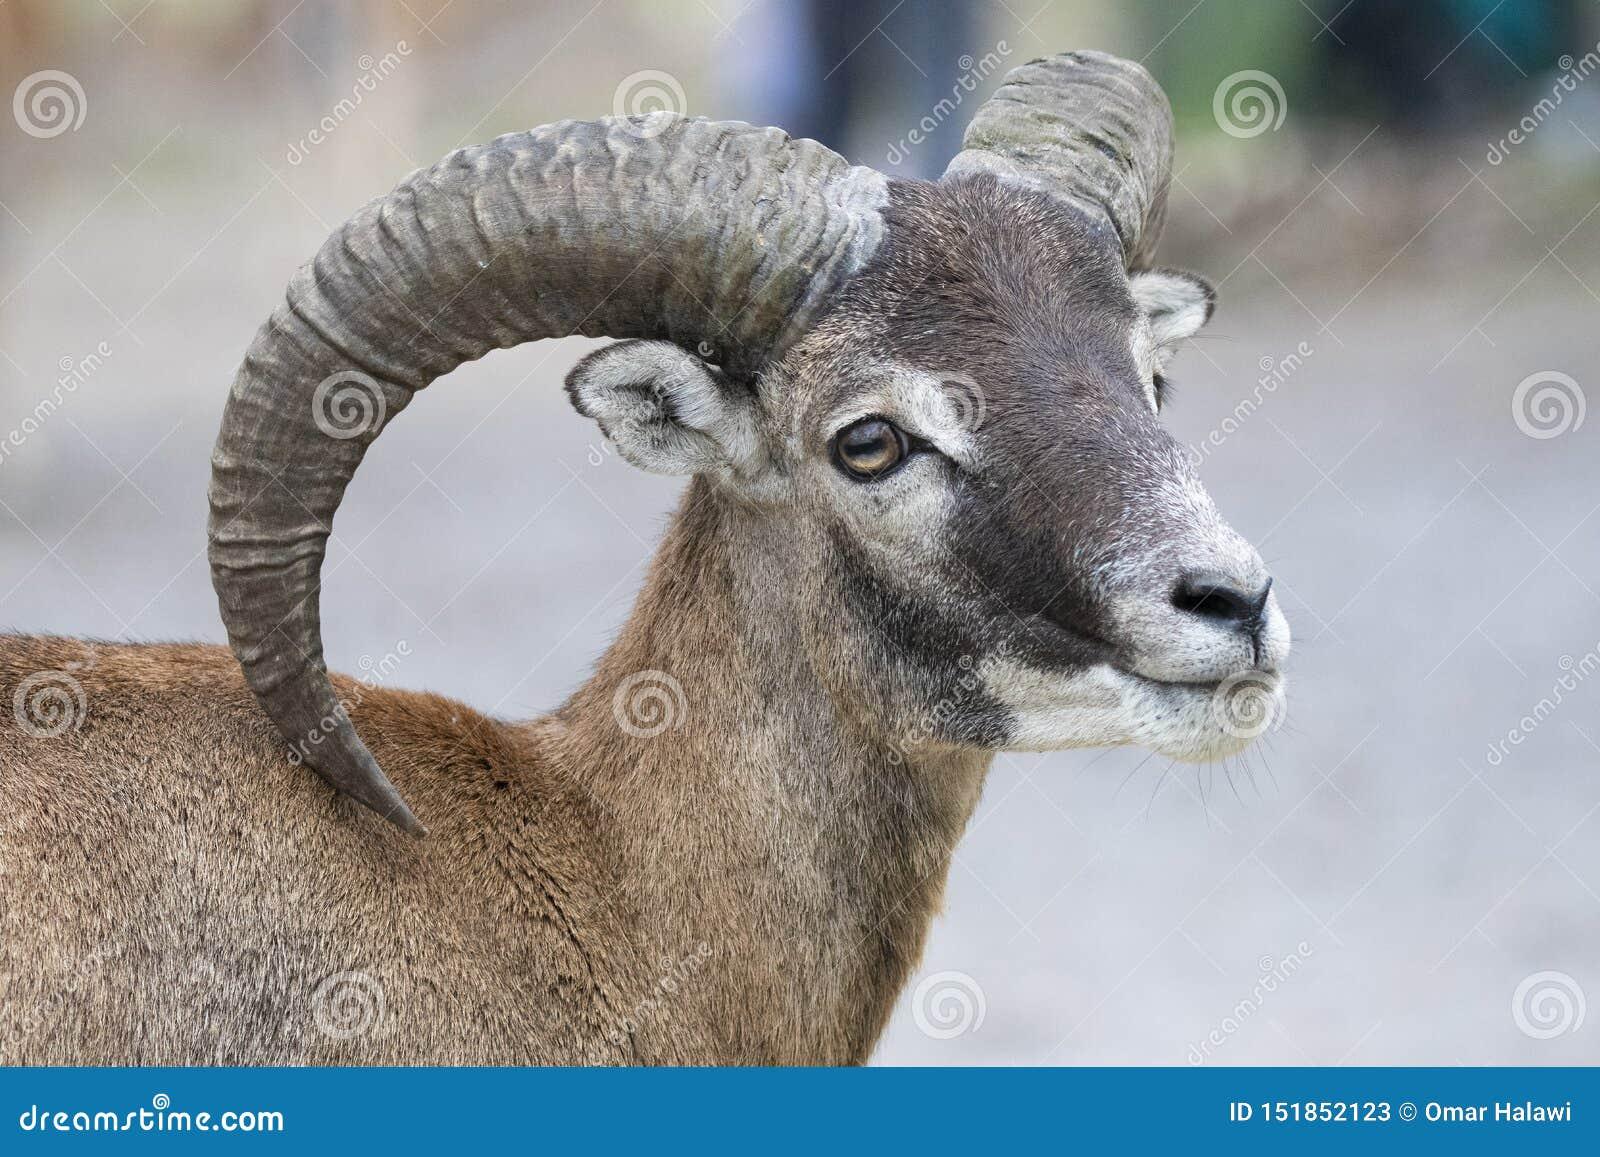 Europese mouflon - Ovis - orientalis musimon